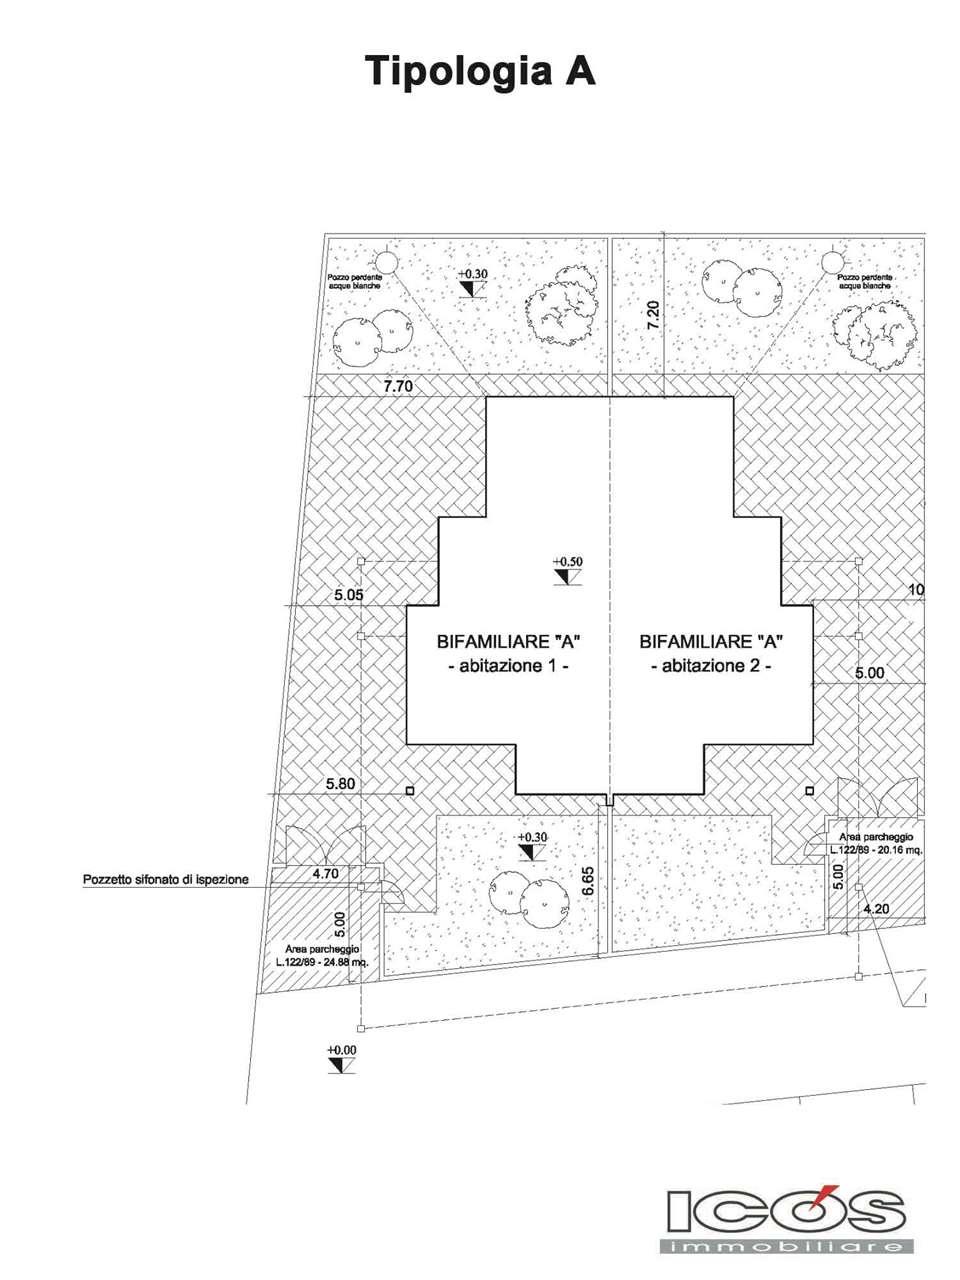 icos-immobiliare-novara-9